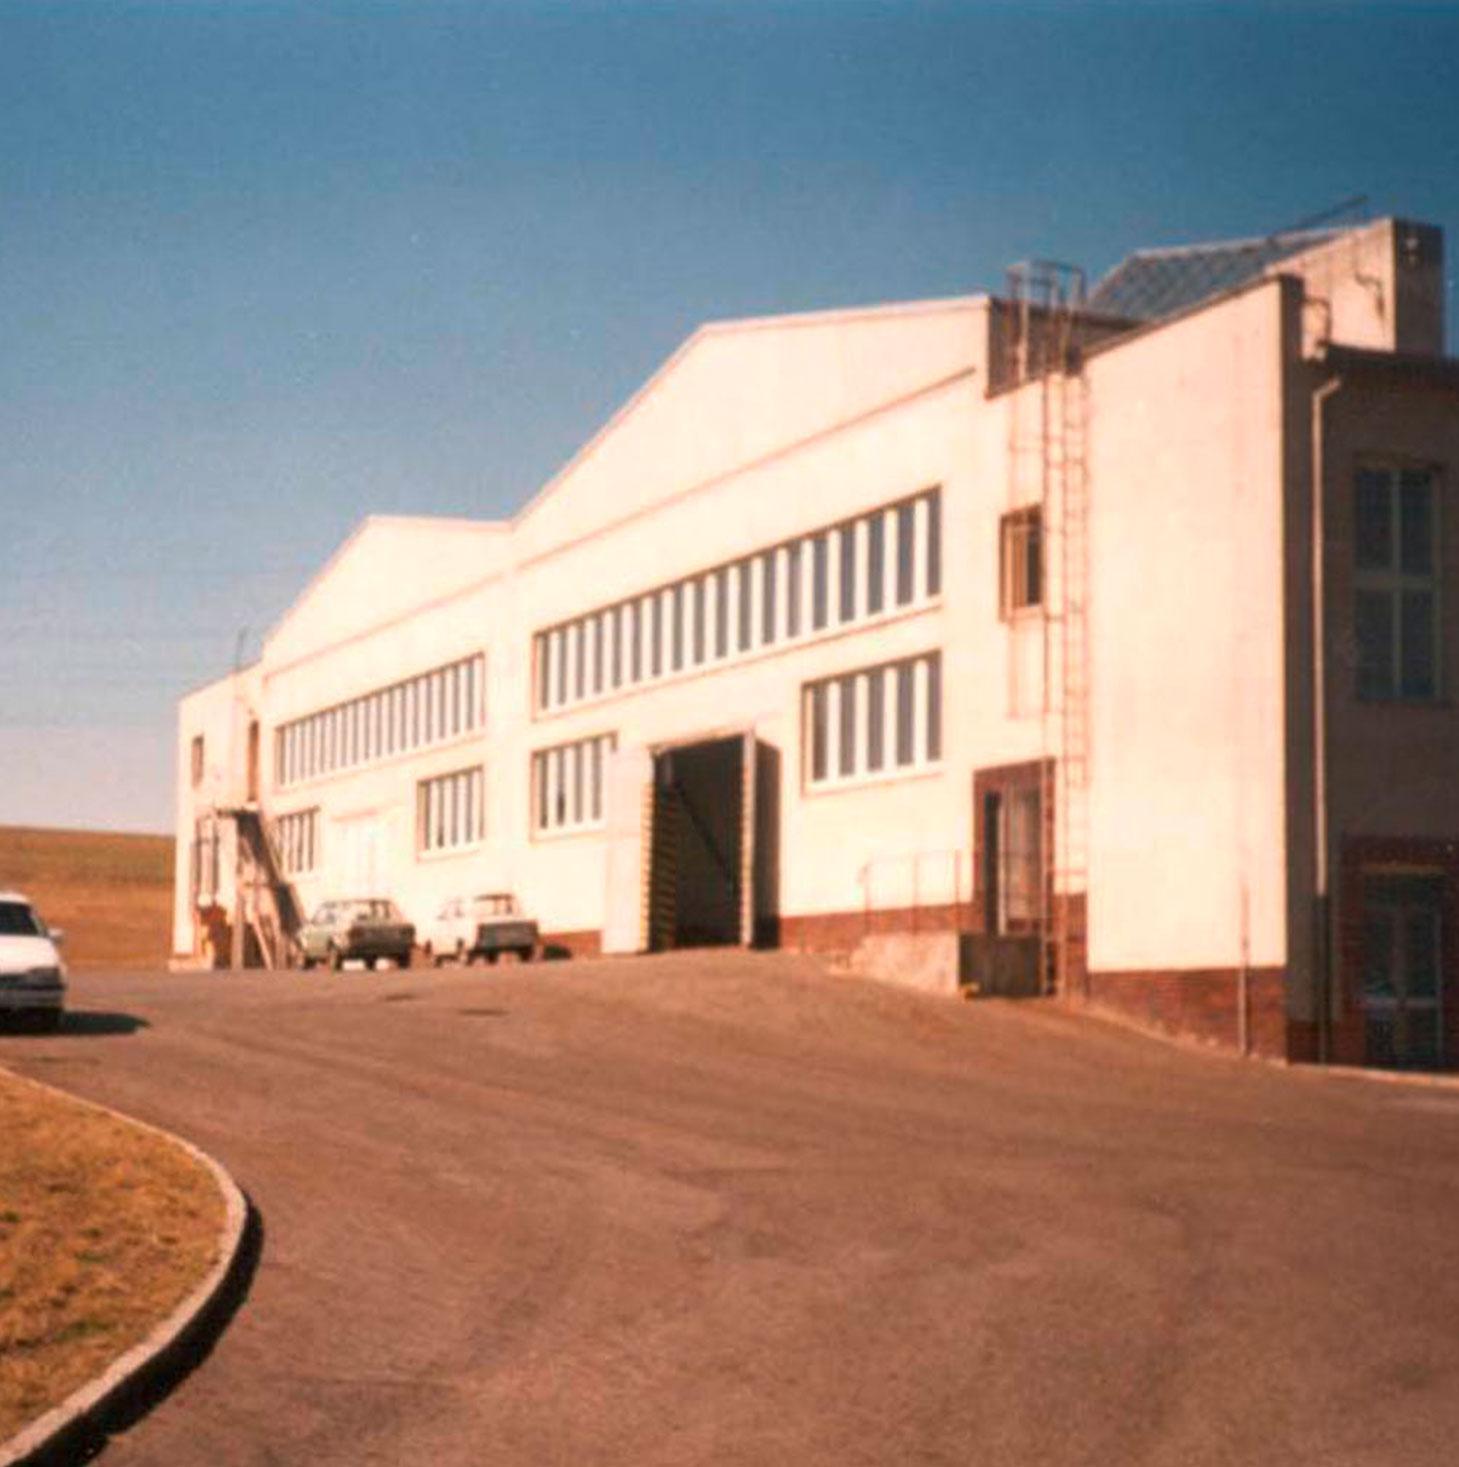 Historische Aufnahme der Kermi s.r.o. in Stribro, Tschechische Republik (1996)